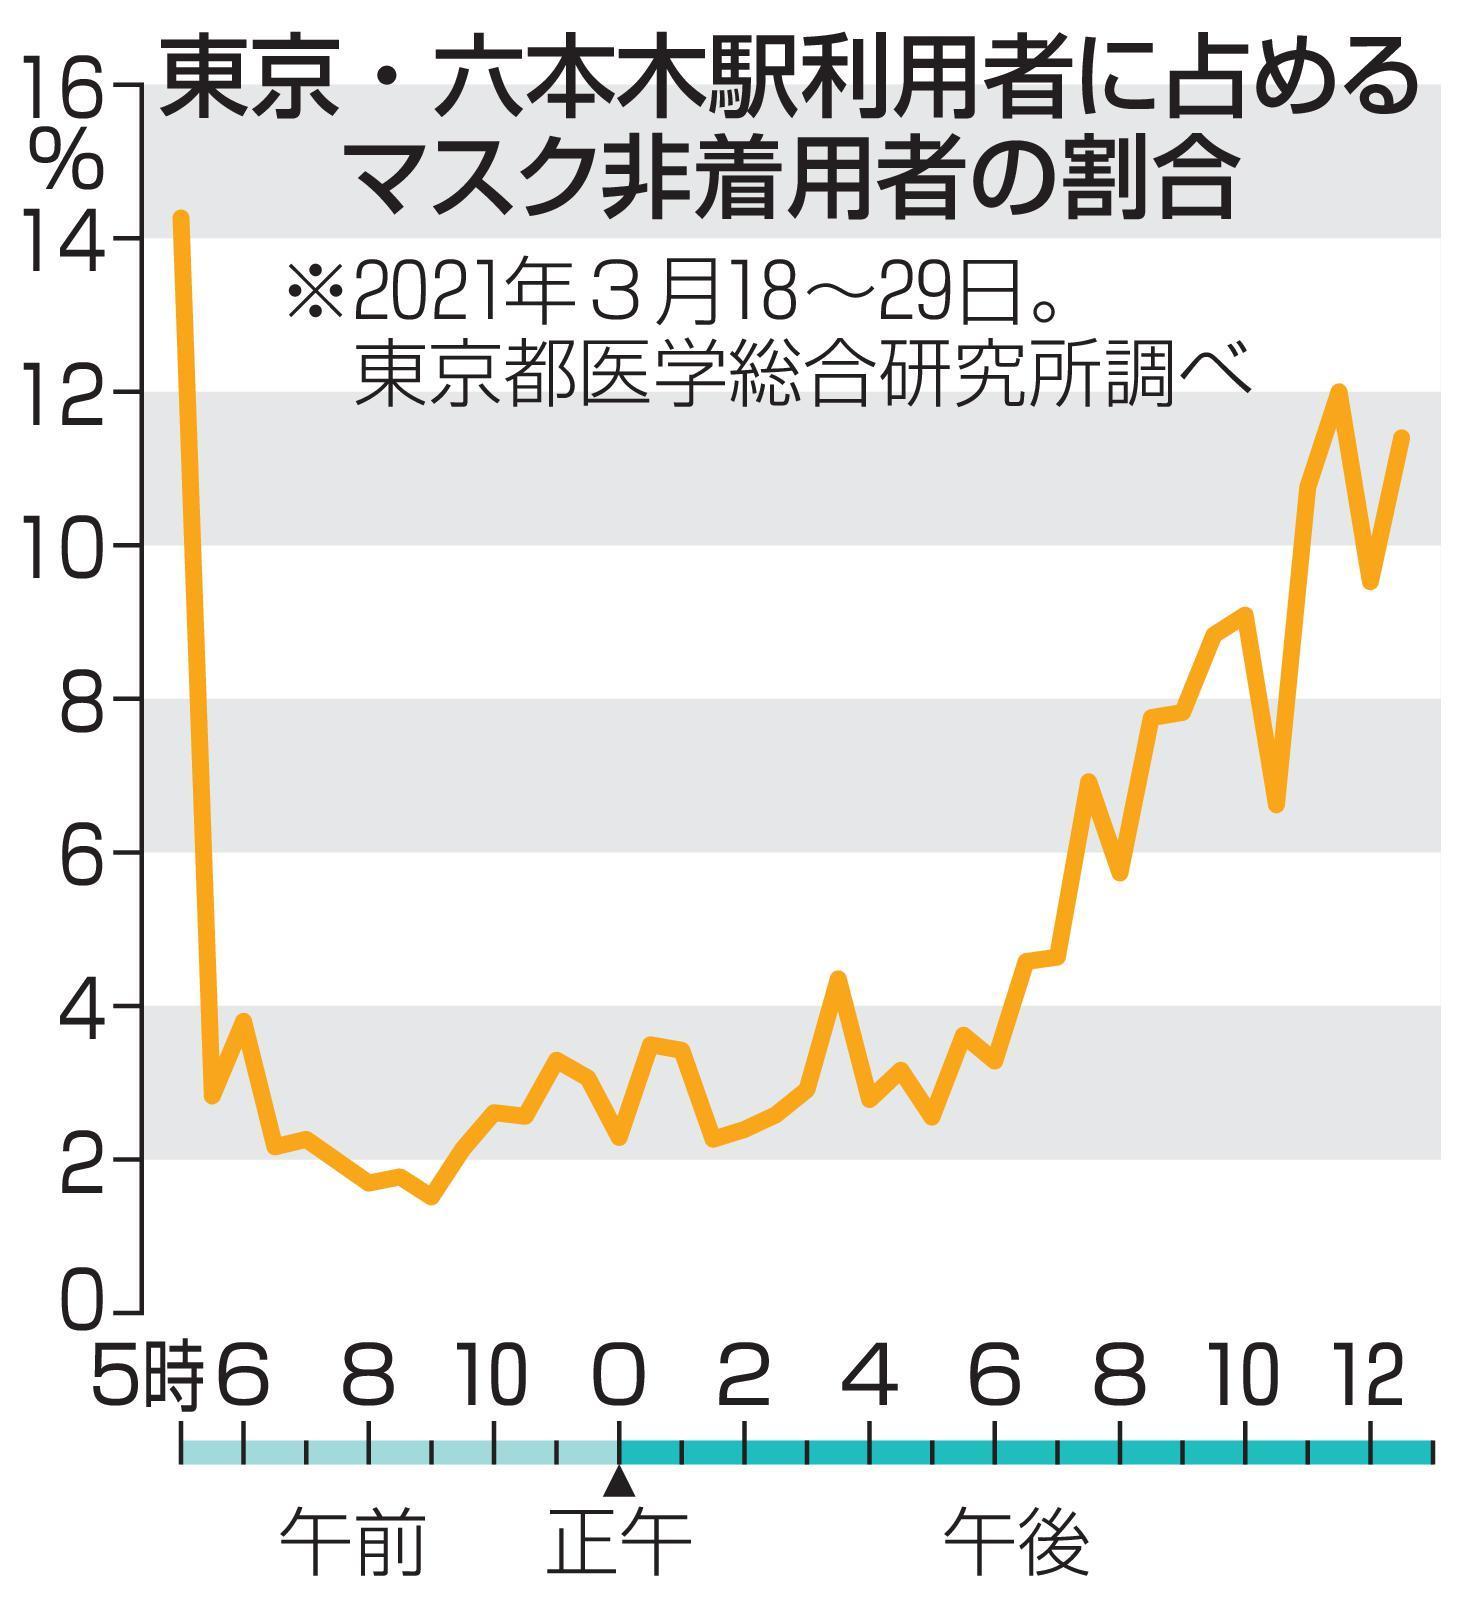 東京・六本木駅利用者に占めるマスク非着用者の割合